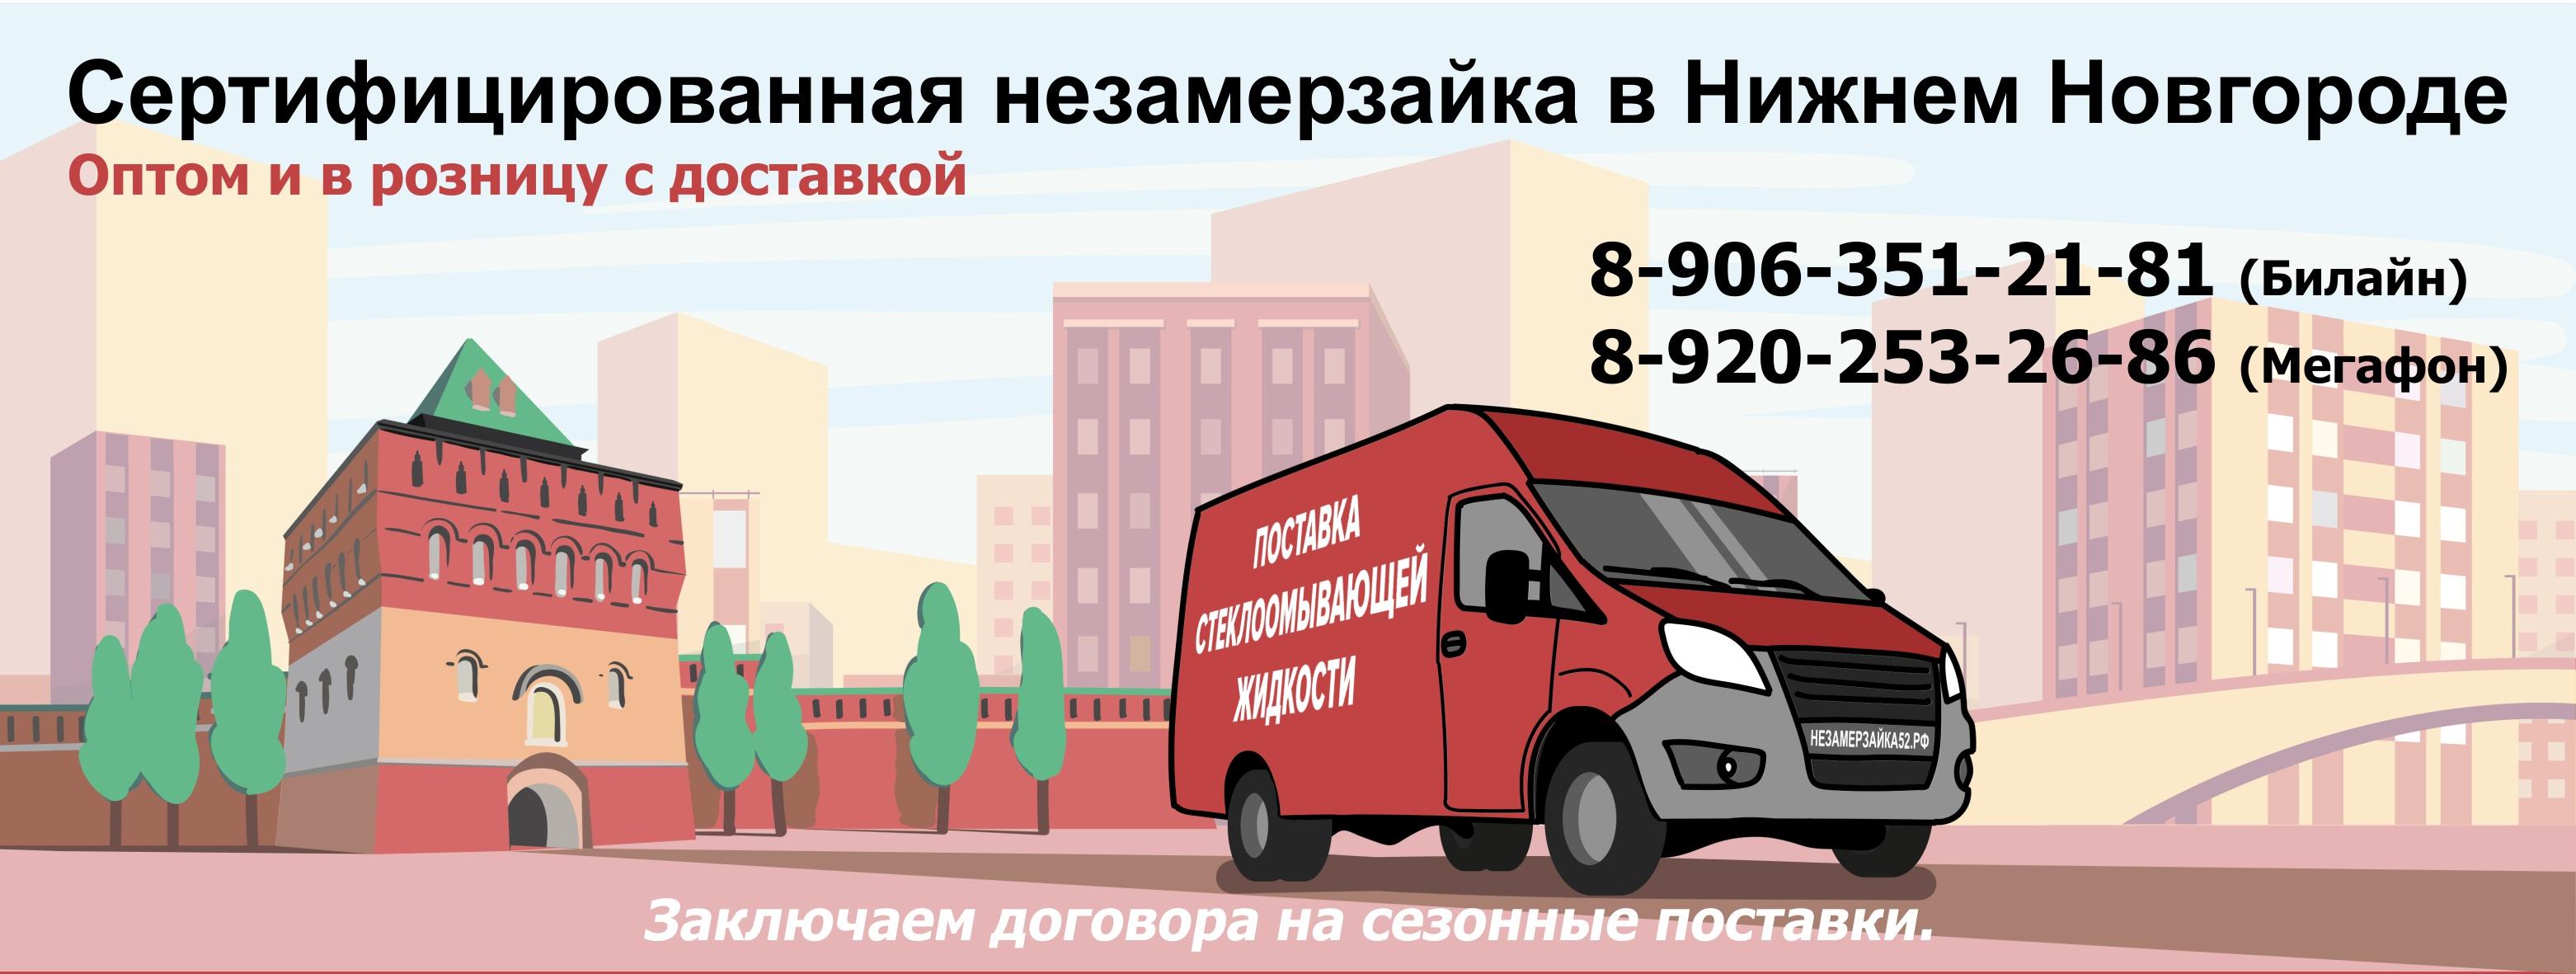 Продажа незамерзающей жидкости в Нижегородской области